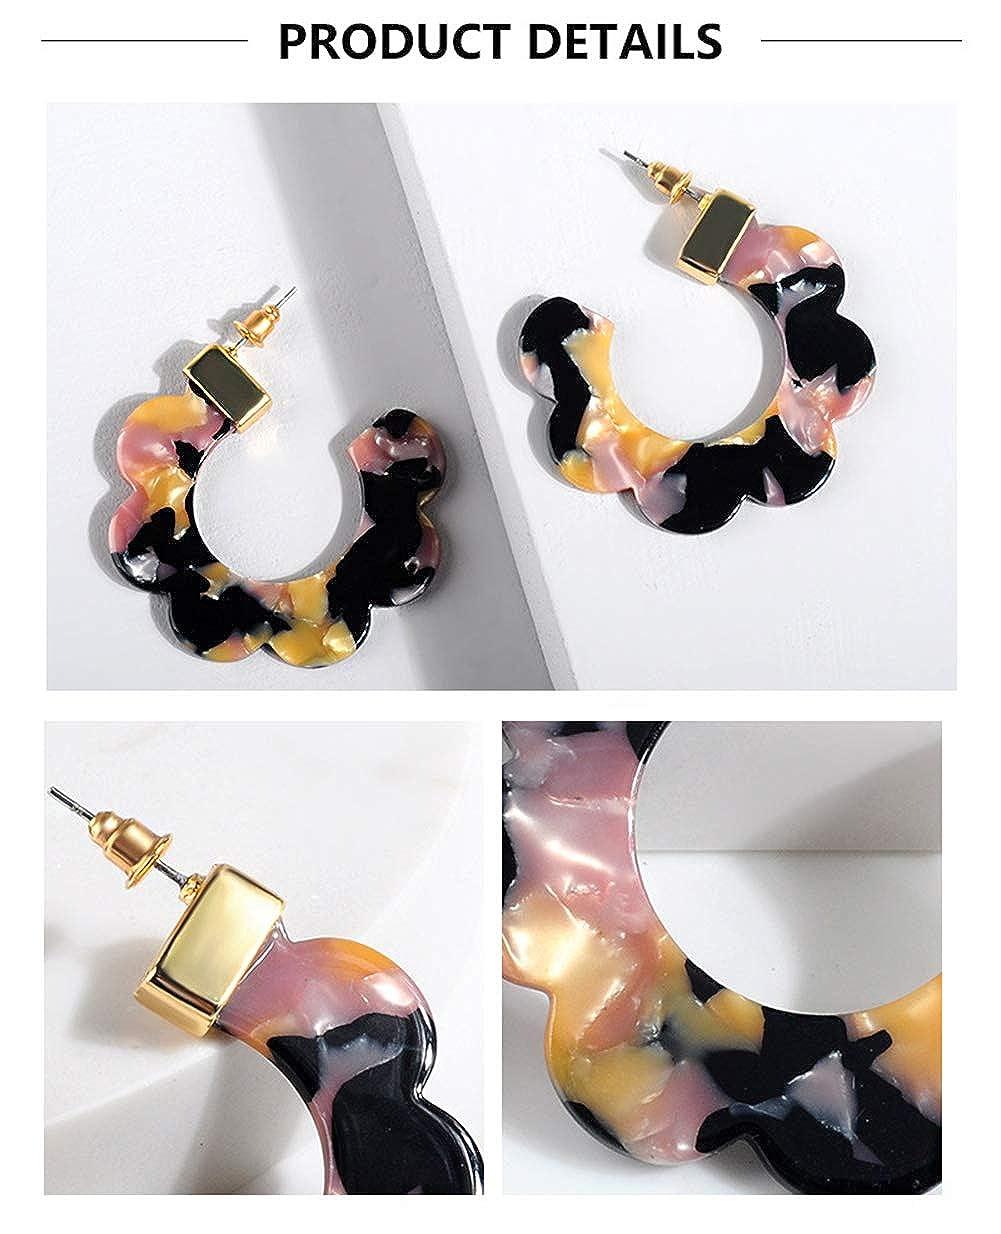 Acrylic Acetate Flower Earrings-Resin Mottled Tortoise Shell Lightweight Hoop Earrings for Women Girls